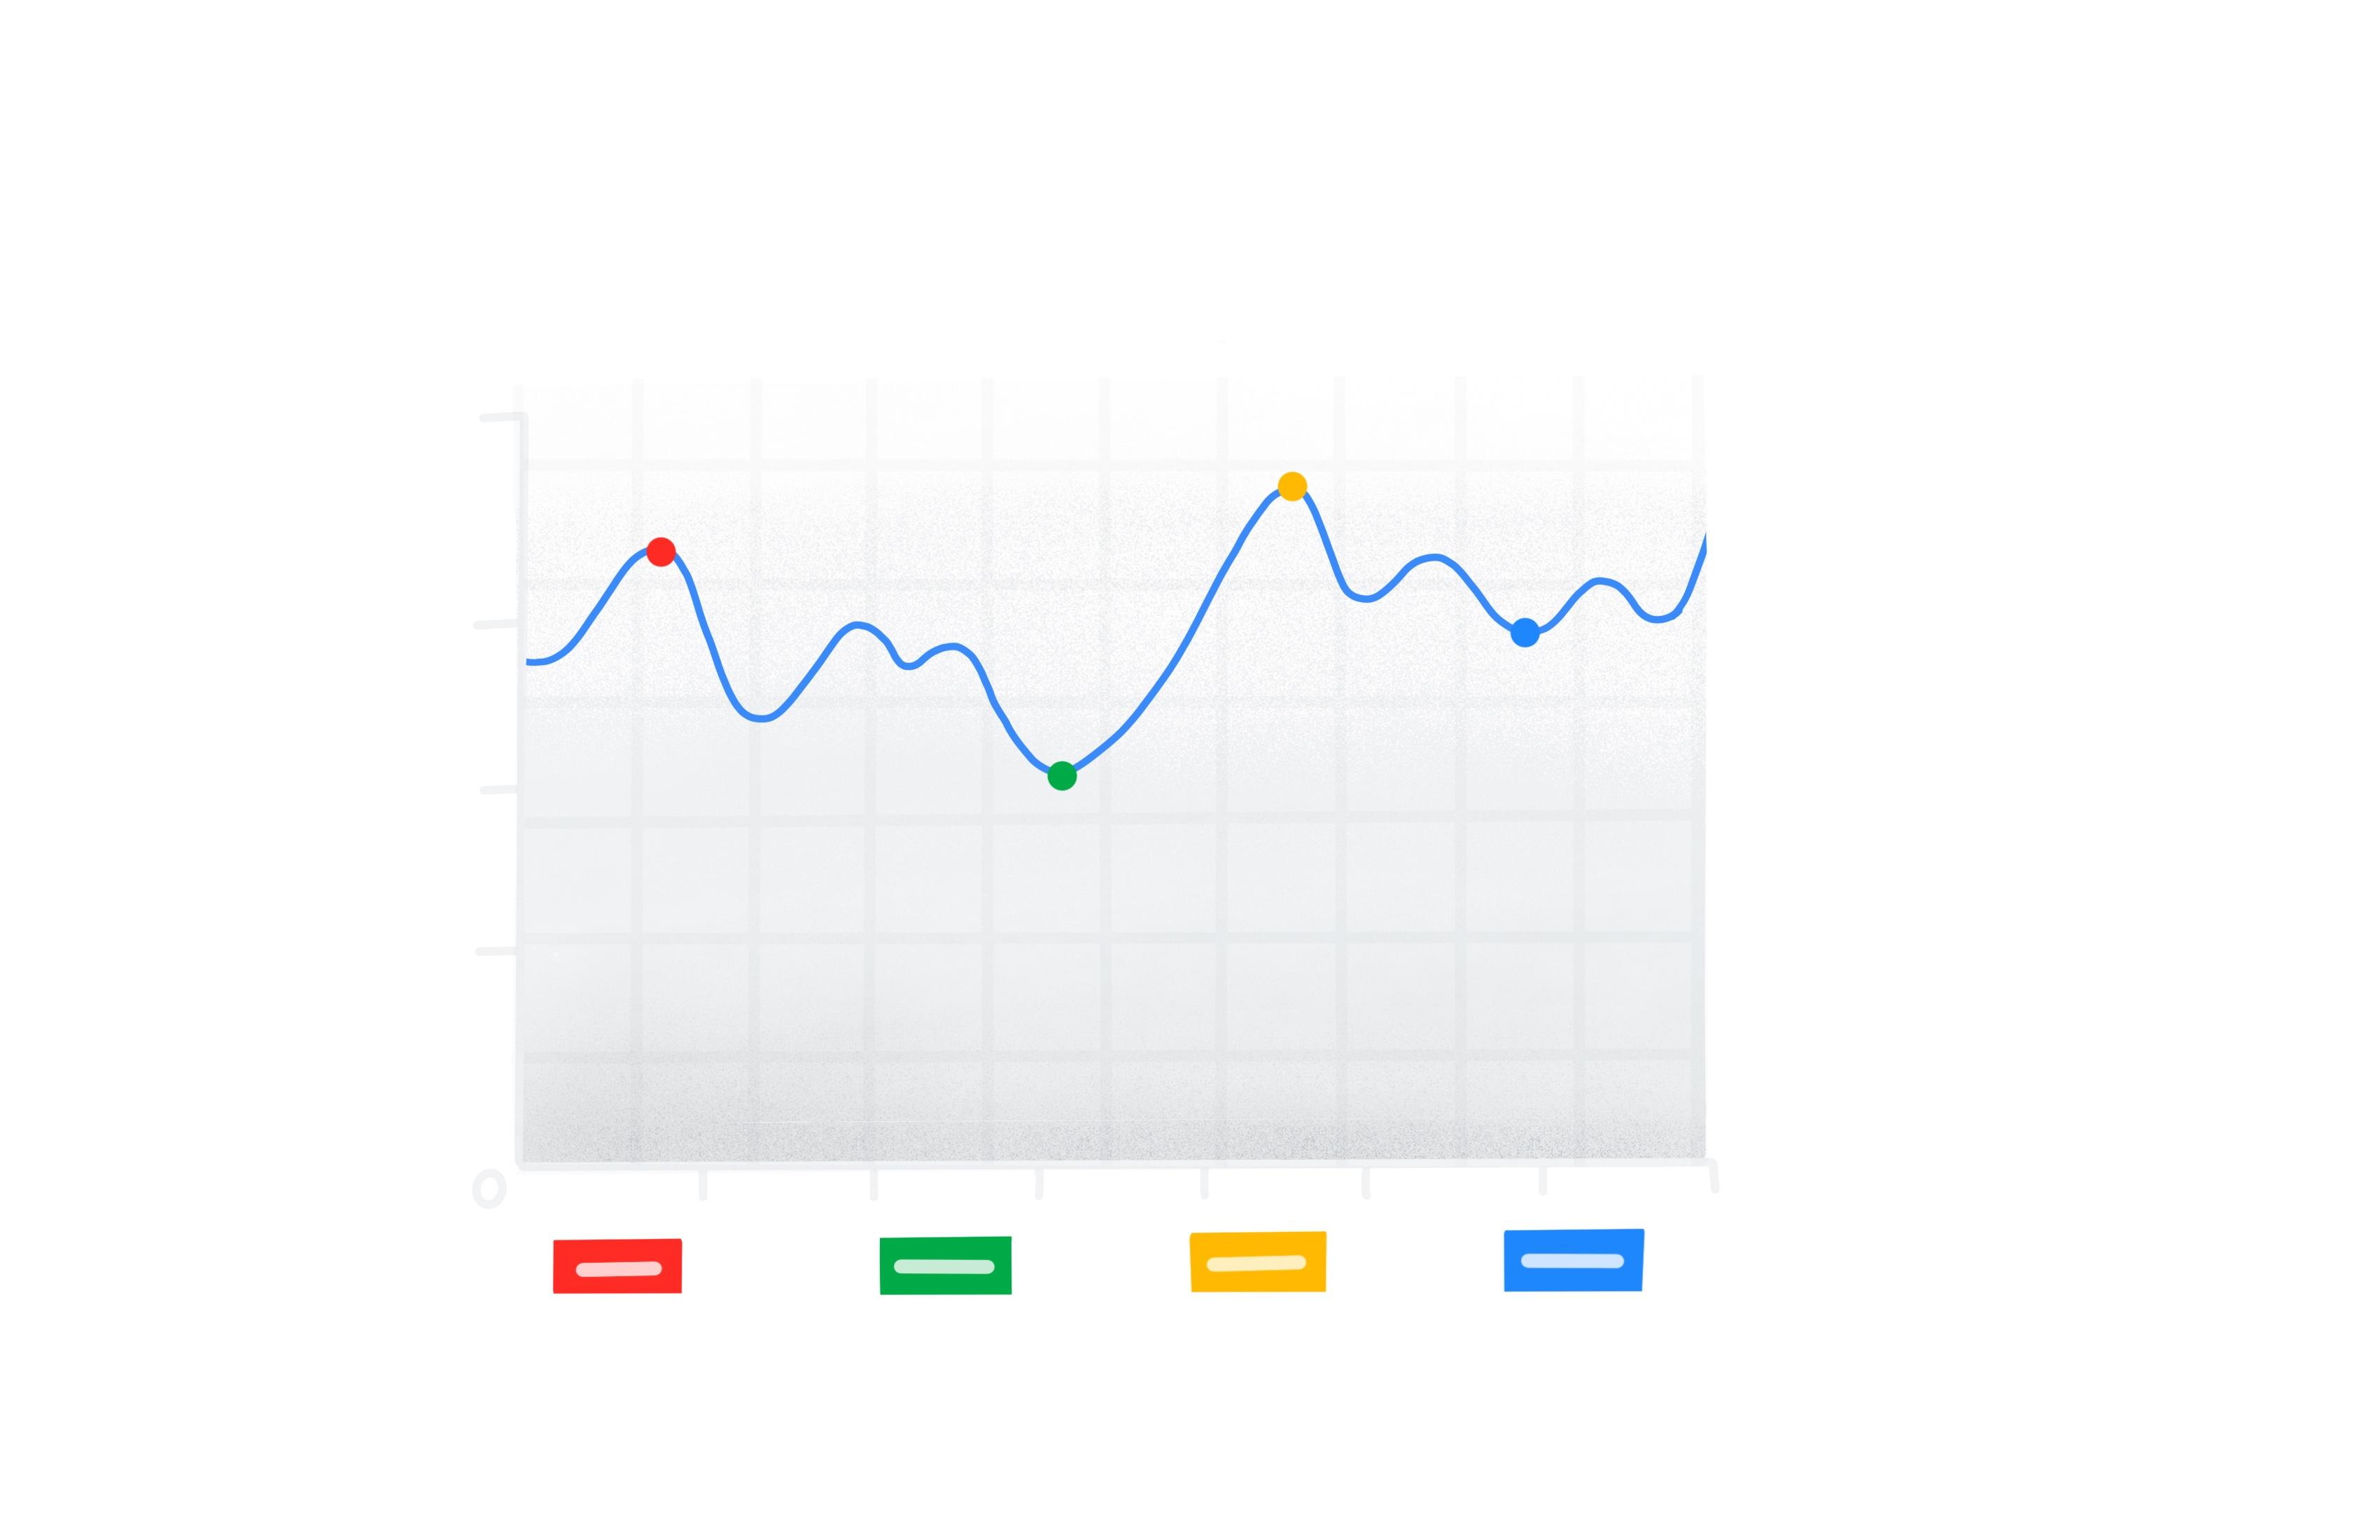 Croquis des courbes statistiques.